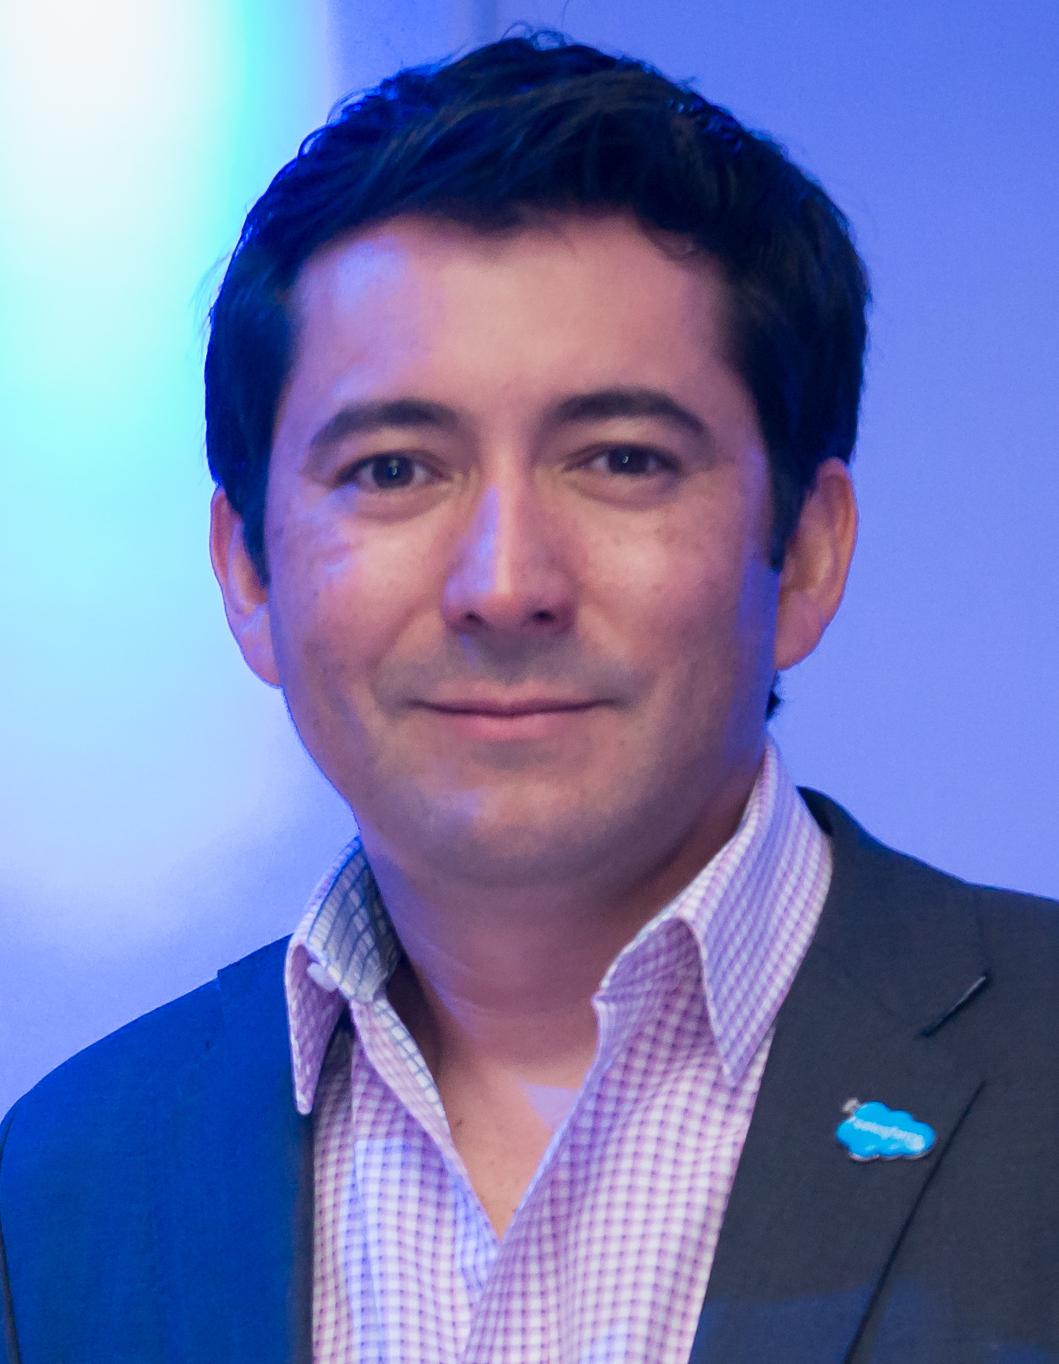 Enrique Ortegón: Gerente General, Salesforce Caribe y Américas de Habla Hispana (CaSSA)